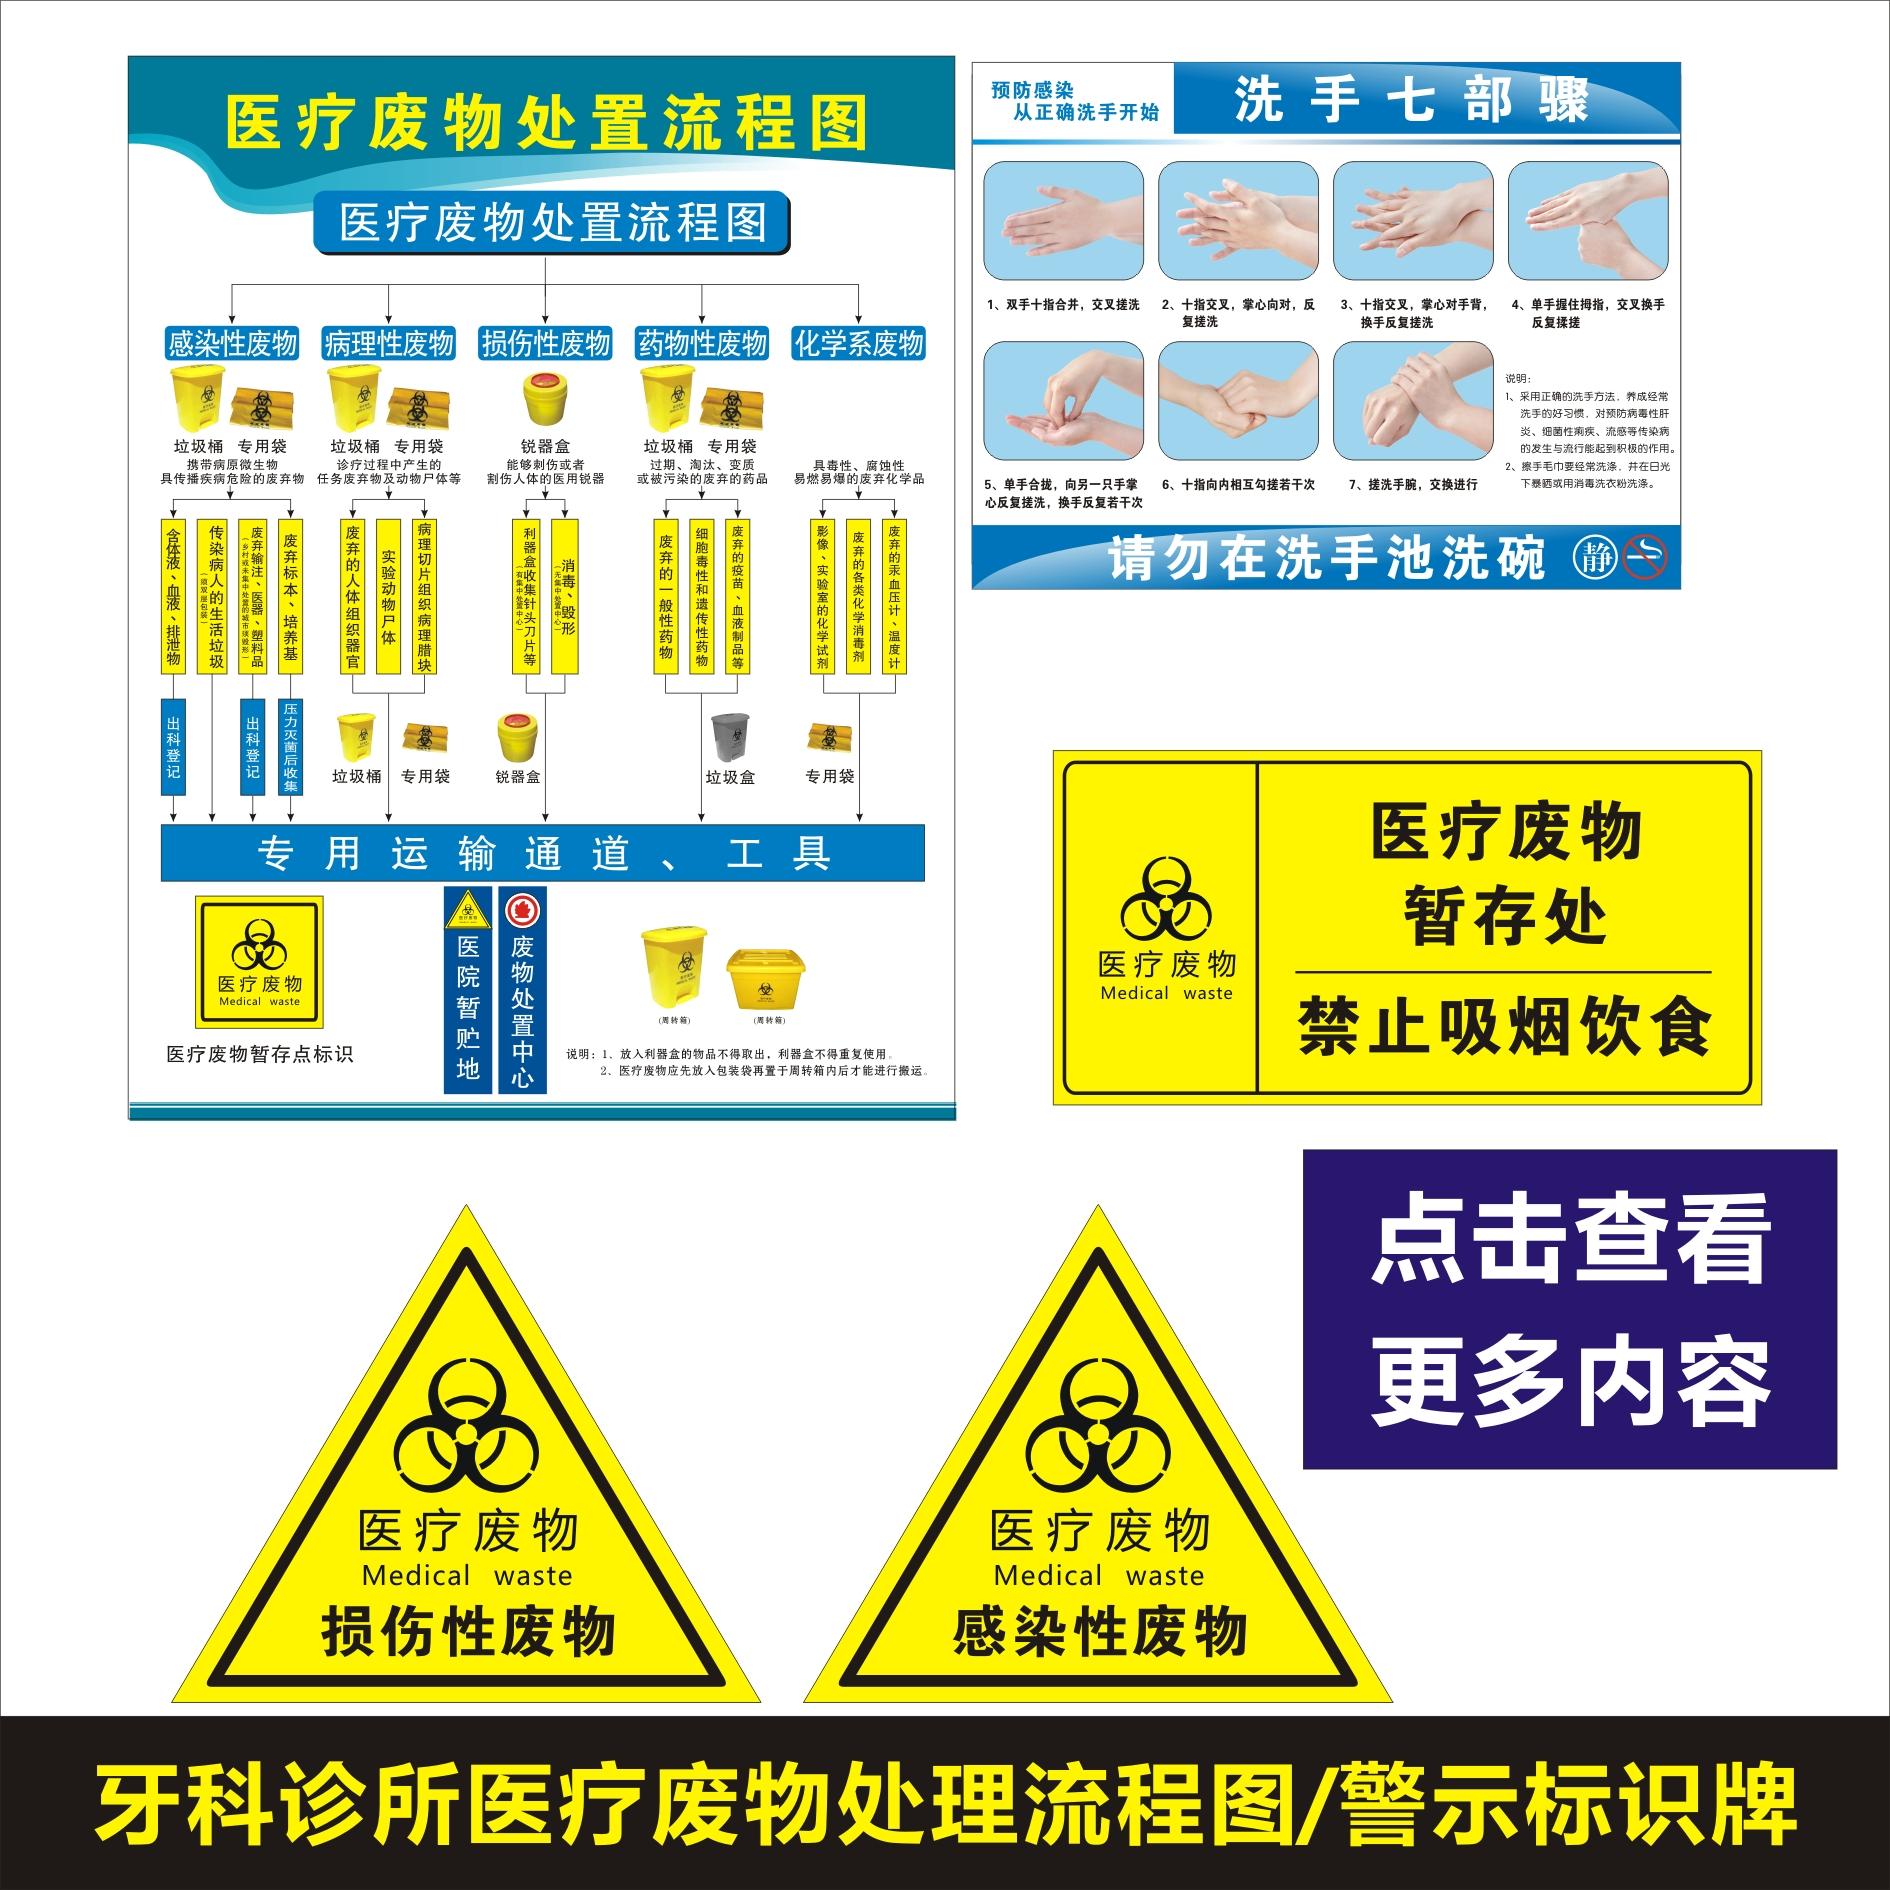 牙科医疗废物处置流程图门诊洗手七步骤医疗废物标识墙贴门诊制度图片